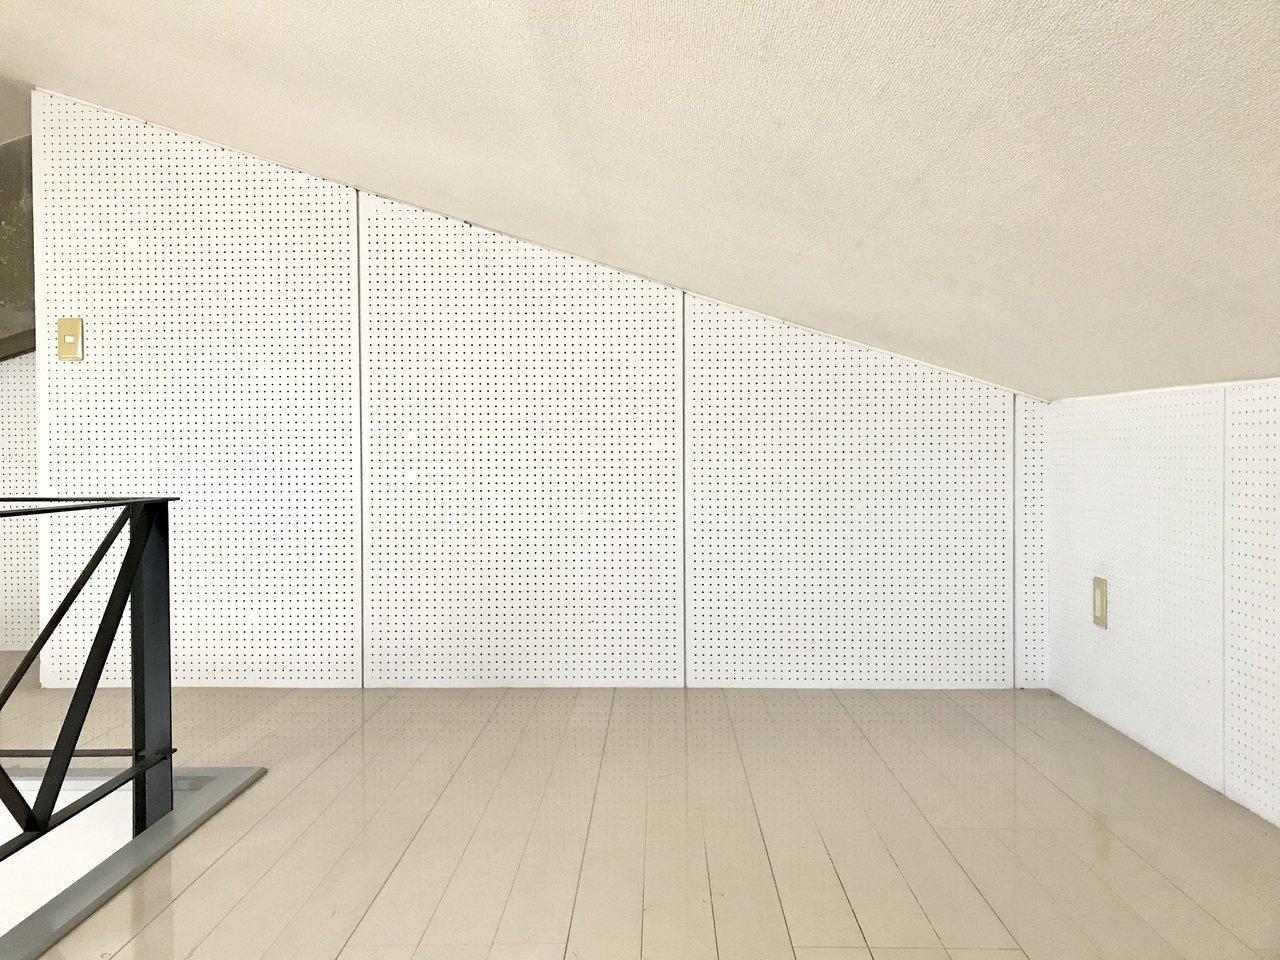 ロフトの壁はこんな風に全面が有孔ボード。自分の気に入ったギアをかっこよく飾って使いたいですよね。